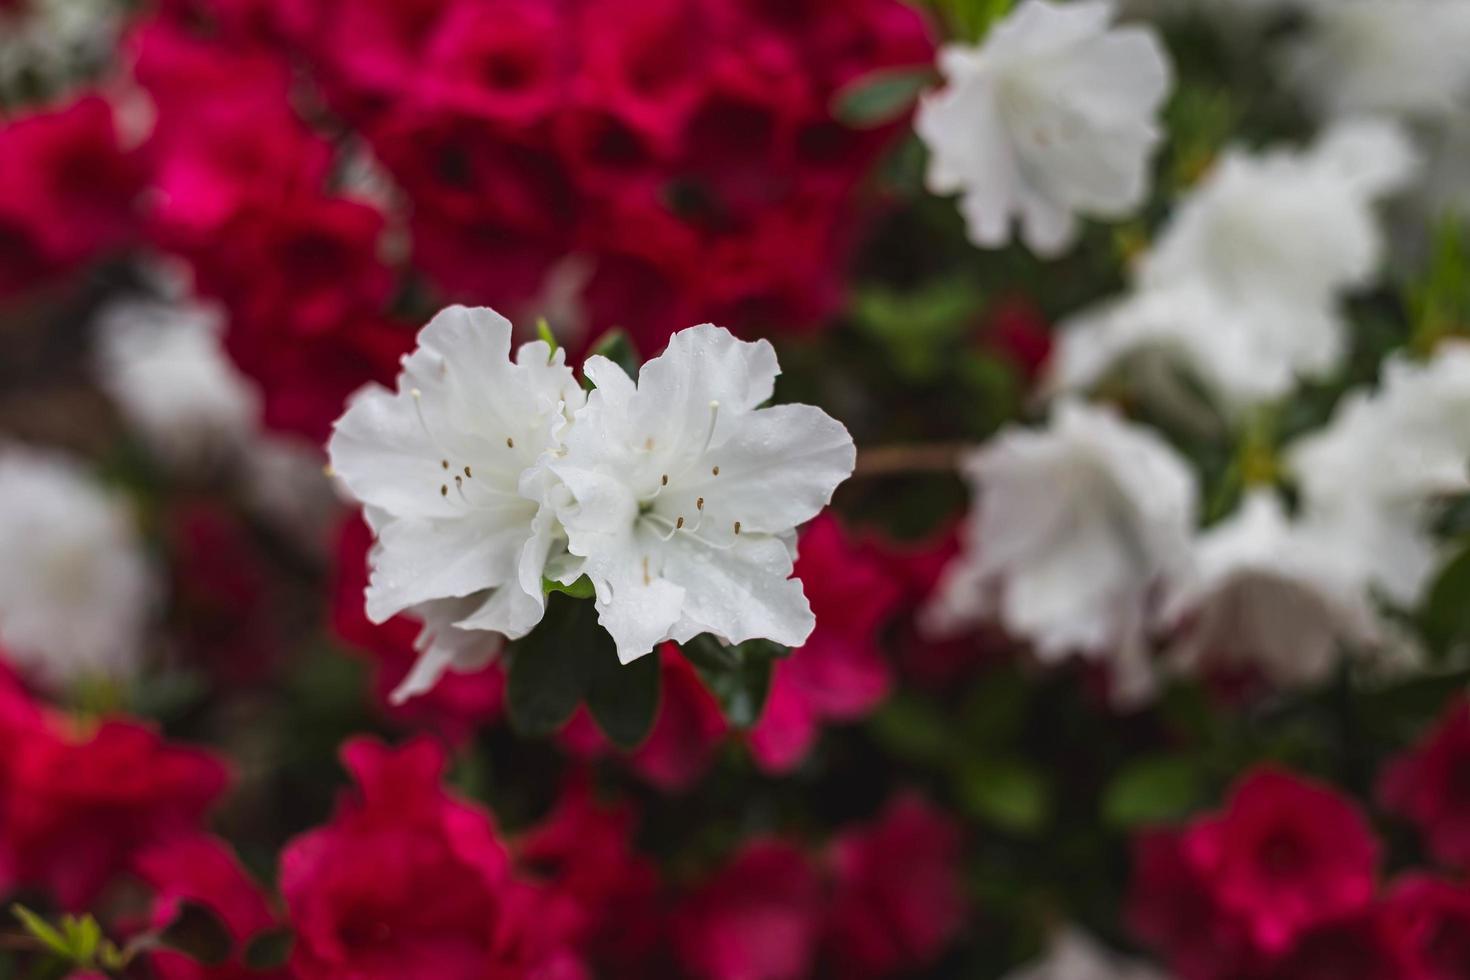 gros plan de fleurs rouges et blanches photo